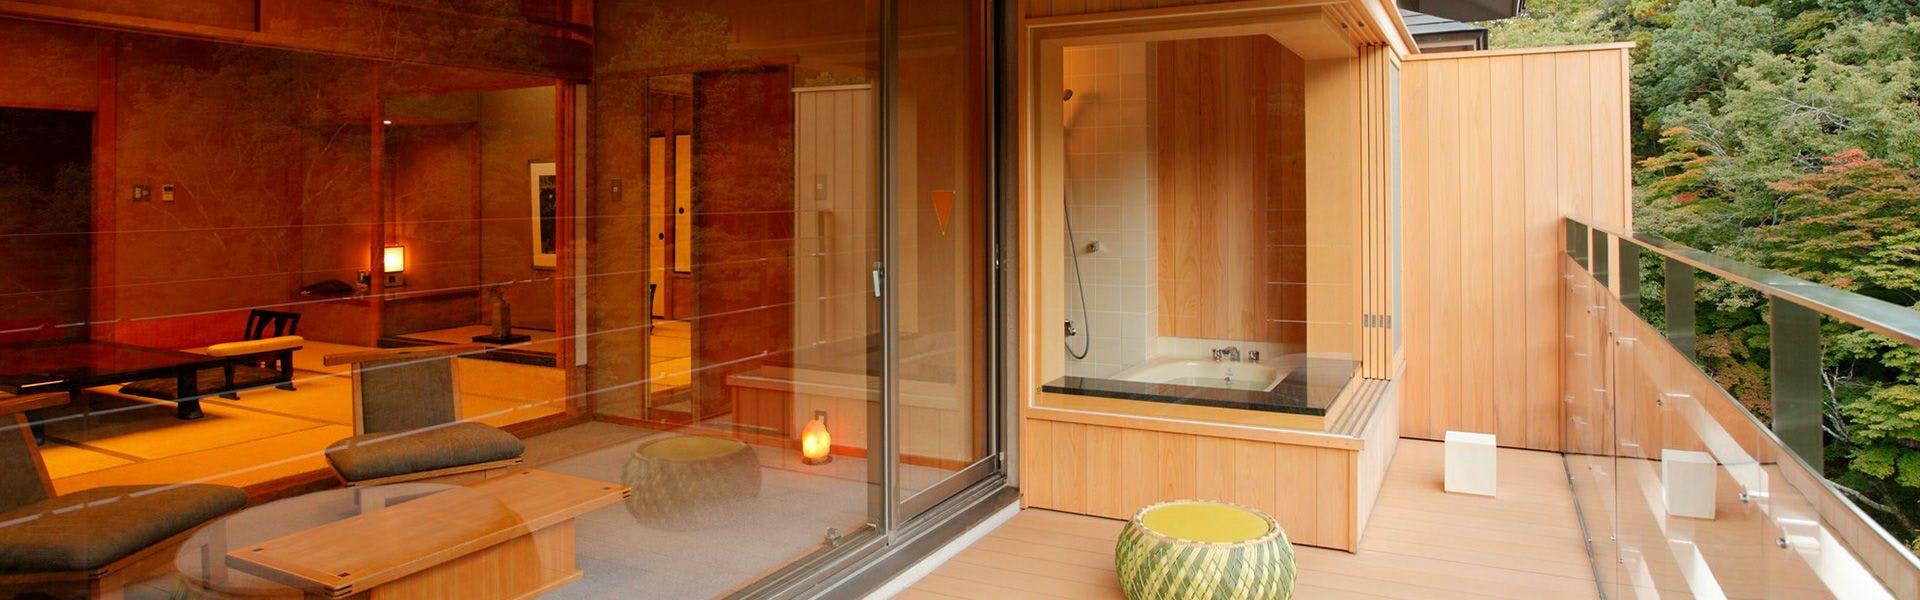 記念日におすすめのホテル・宙 SORA 渡月荘金龍の写真2